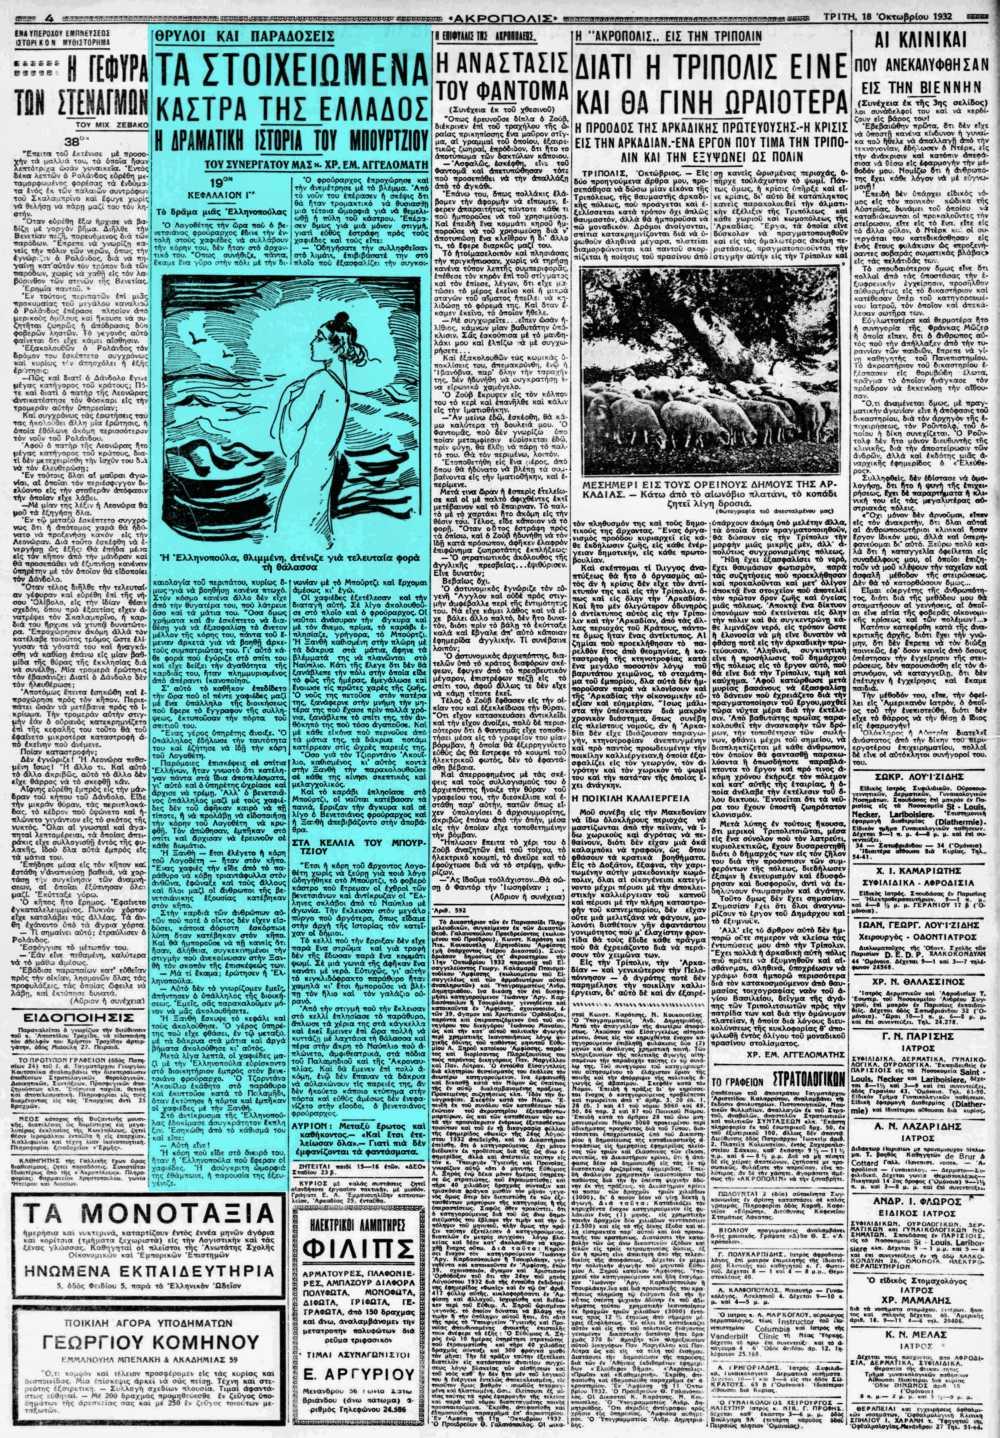 """Το άρθρο, όπως δημοσιεύθηκε στην εφημερίδα """"ΑΚΡΟΠΟΛΙΣ"""", στις 18/10/1932"""